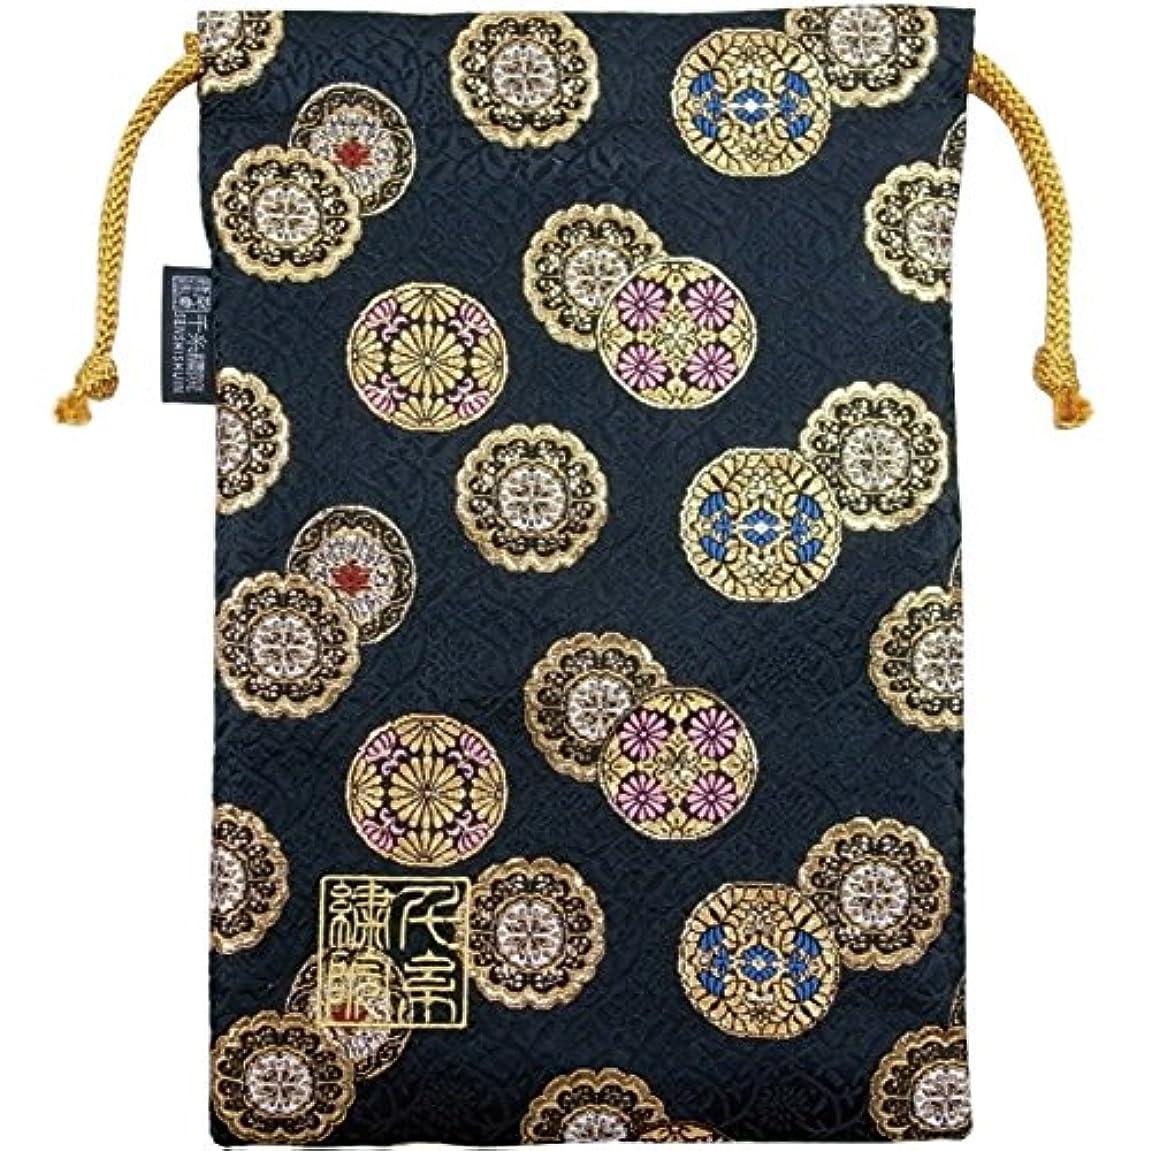 階層カバー浸食ブック型 経本数珠入れ/経本数珠袋 古渡緞子(こわたりどんす)青色 閉じた時:約17.5×25cm 片方ポケット/片方ファスナー付( l125)